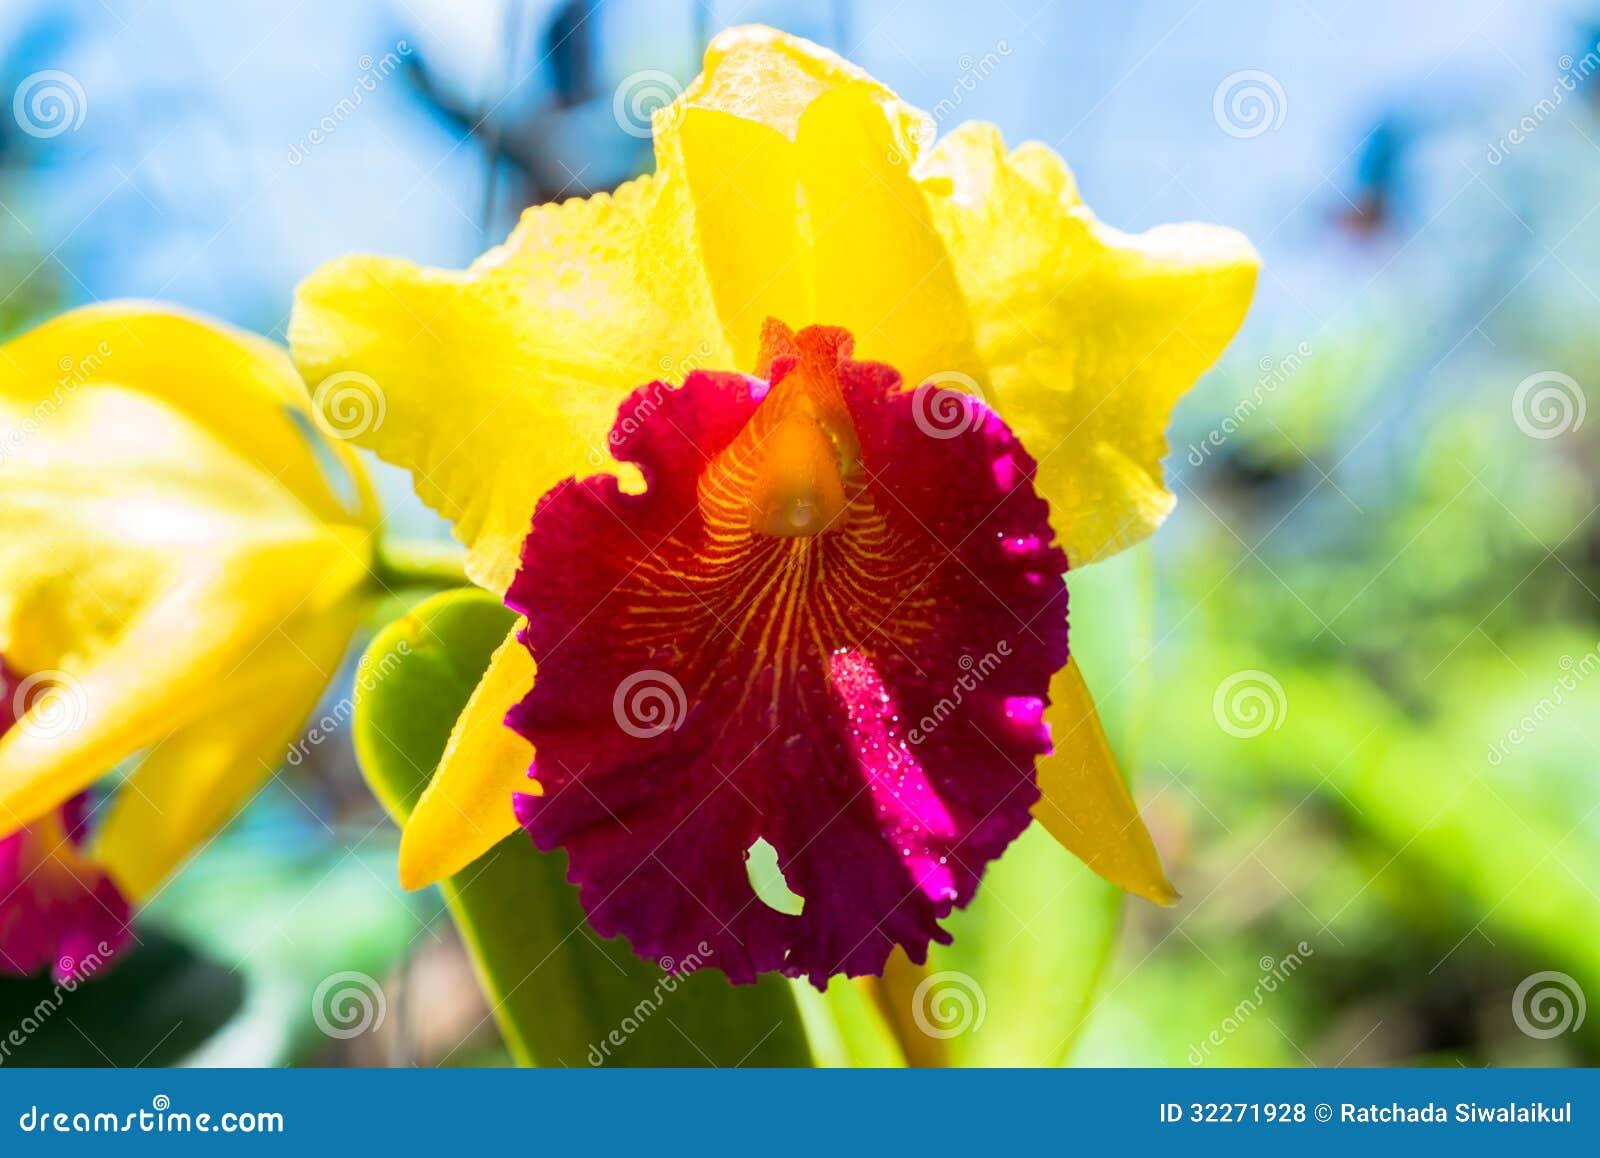 Parete Gialla E Marrone : Orchidea gialla e marrone rossiccio ...